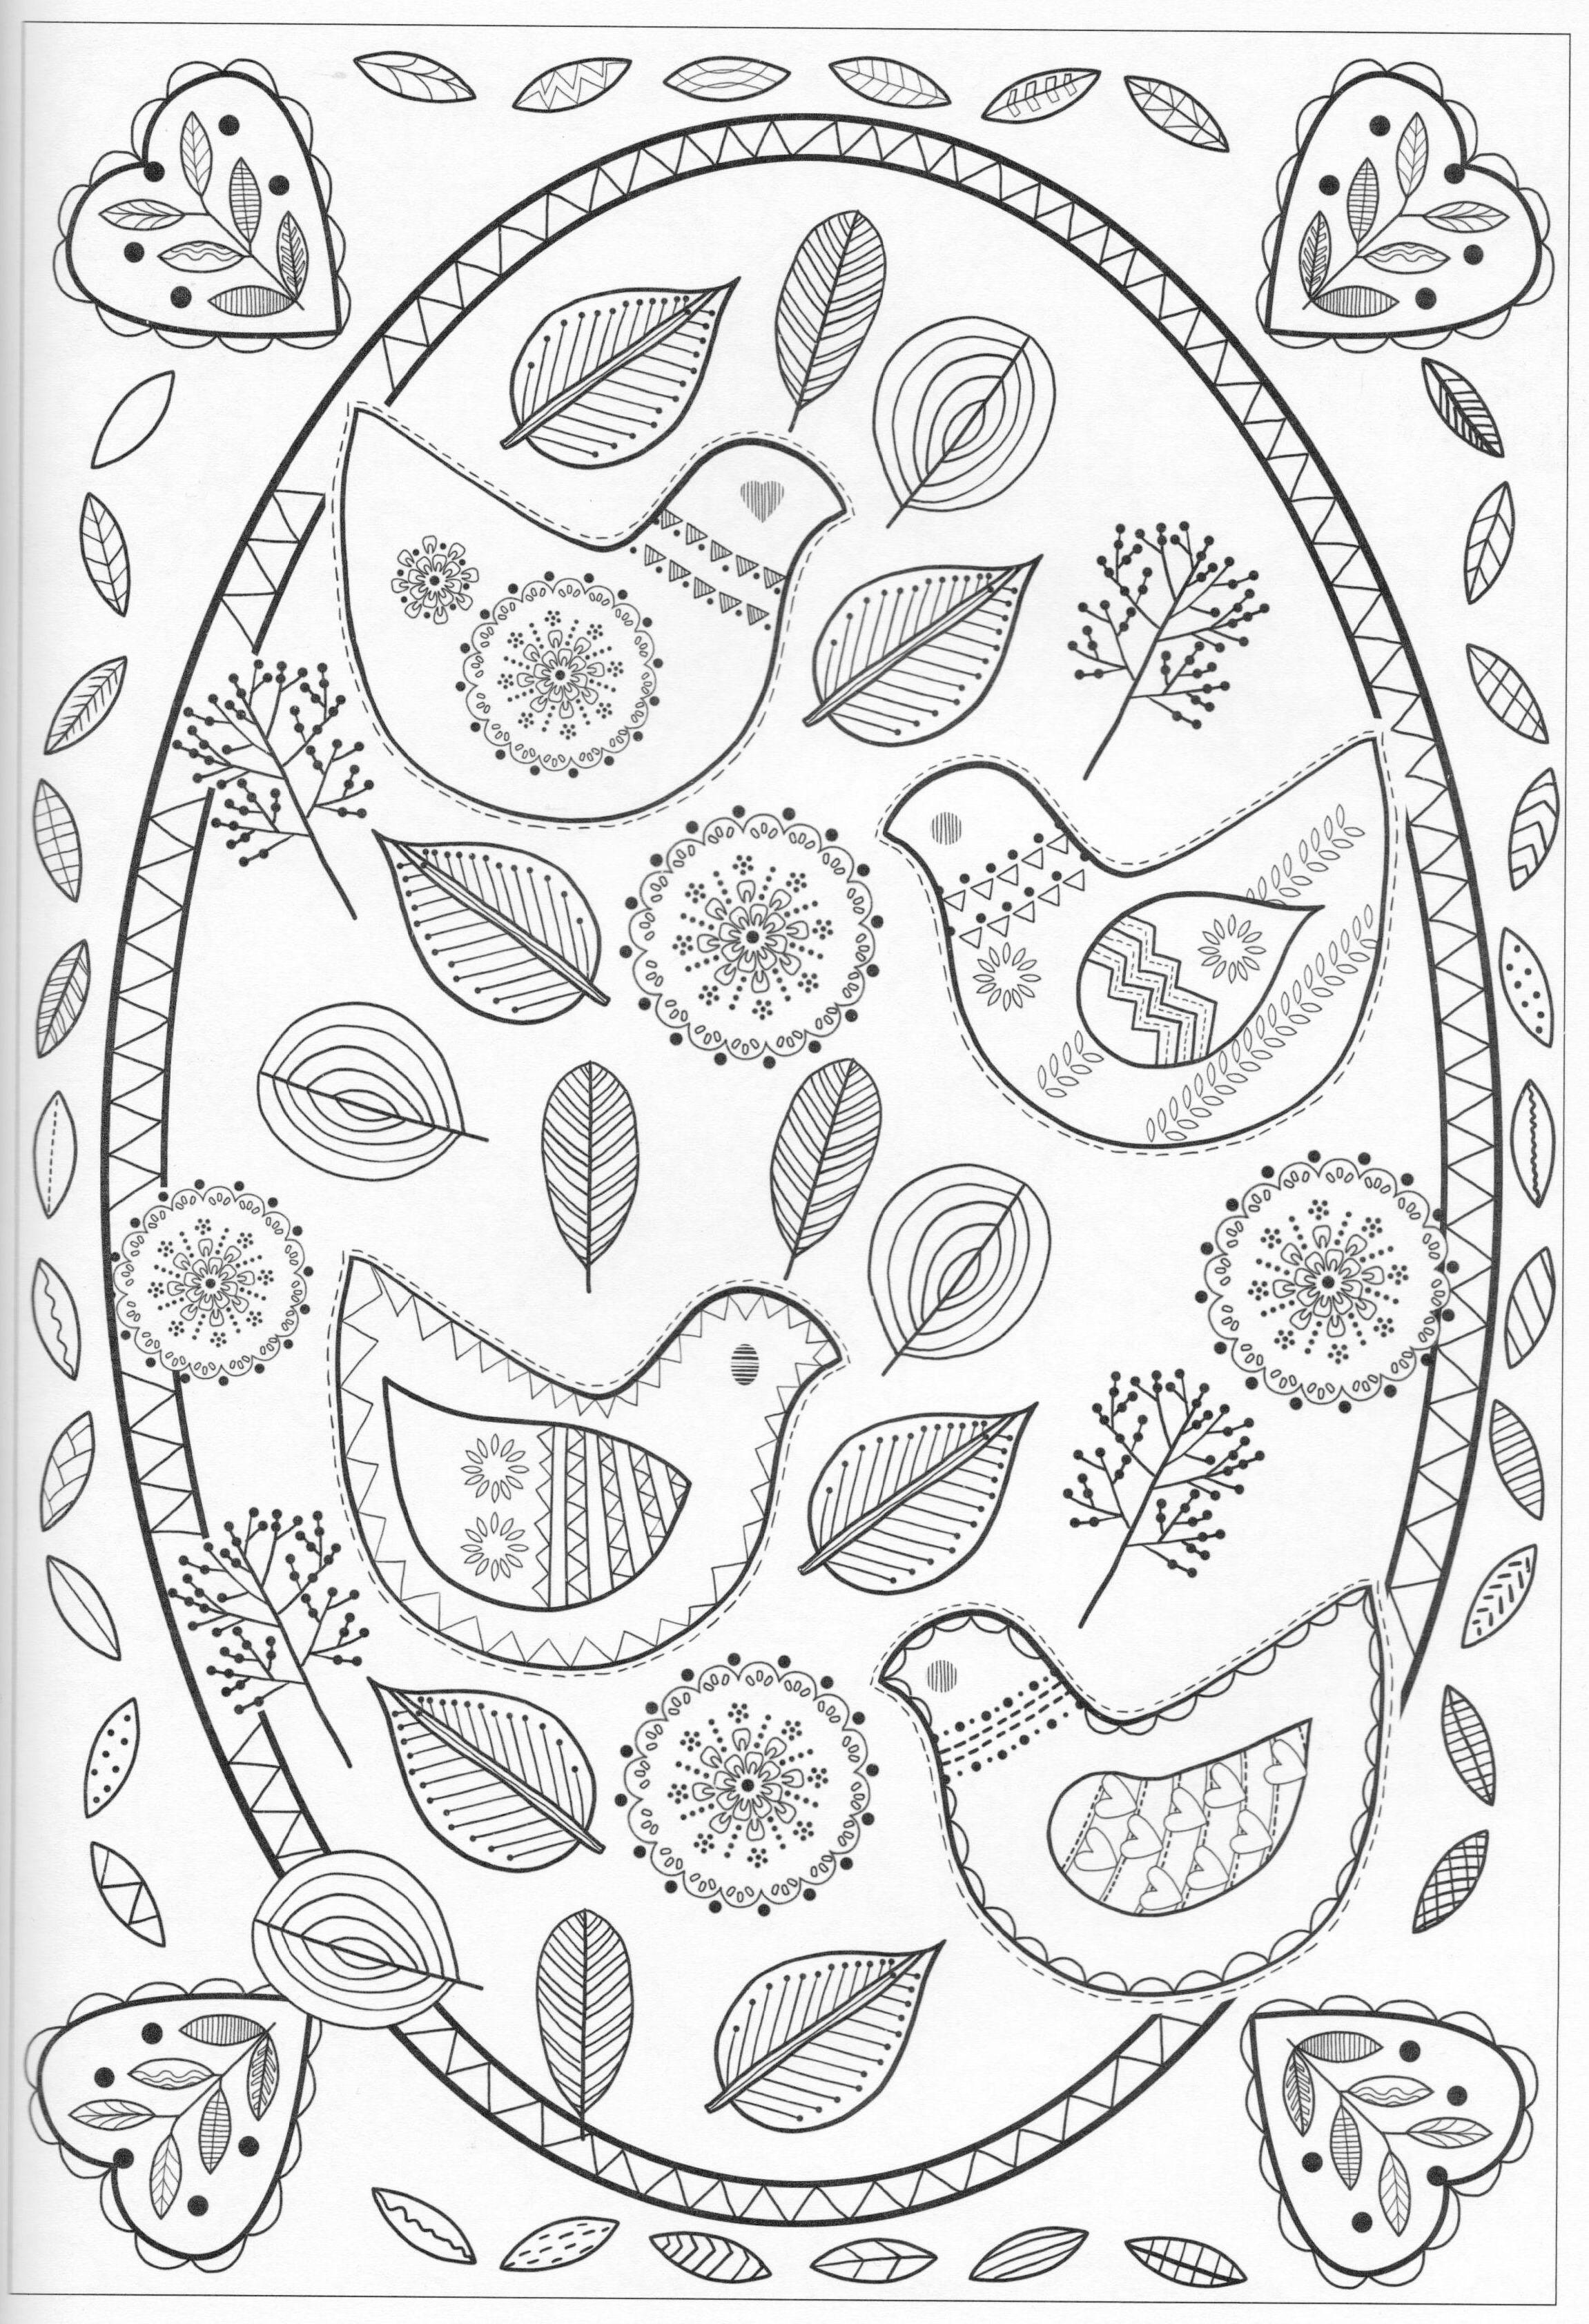 Ausmalbilder Ostern Hase Das Beste Von 35 Ausmalbilder Zu Ostern Scoredatscore Schön Ostern Ausmalbilder Sammlung